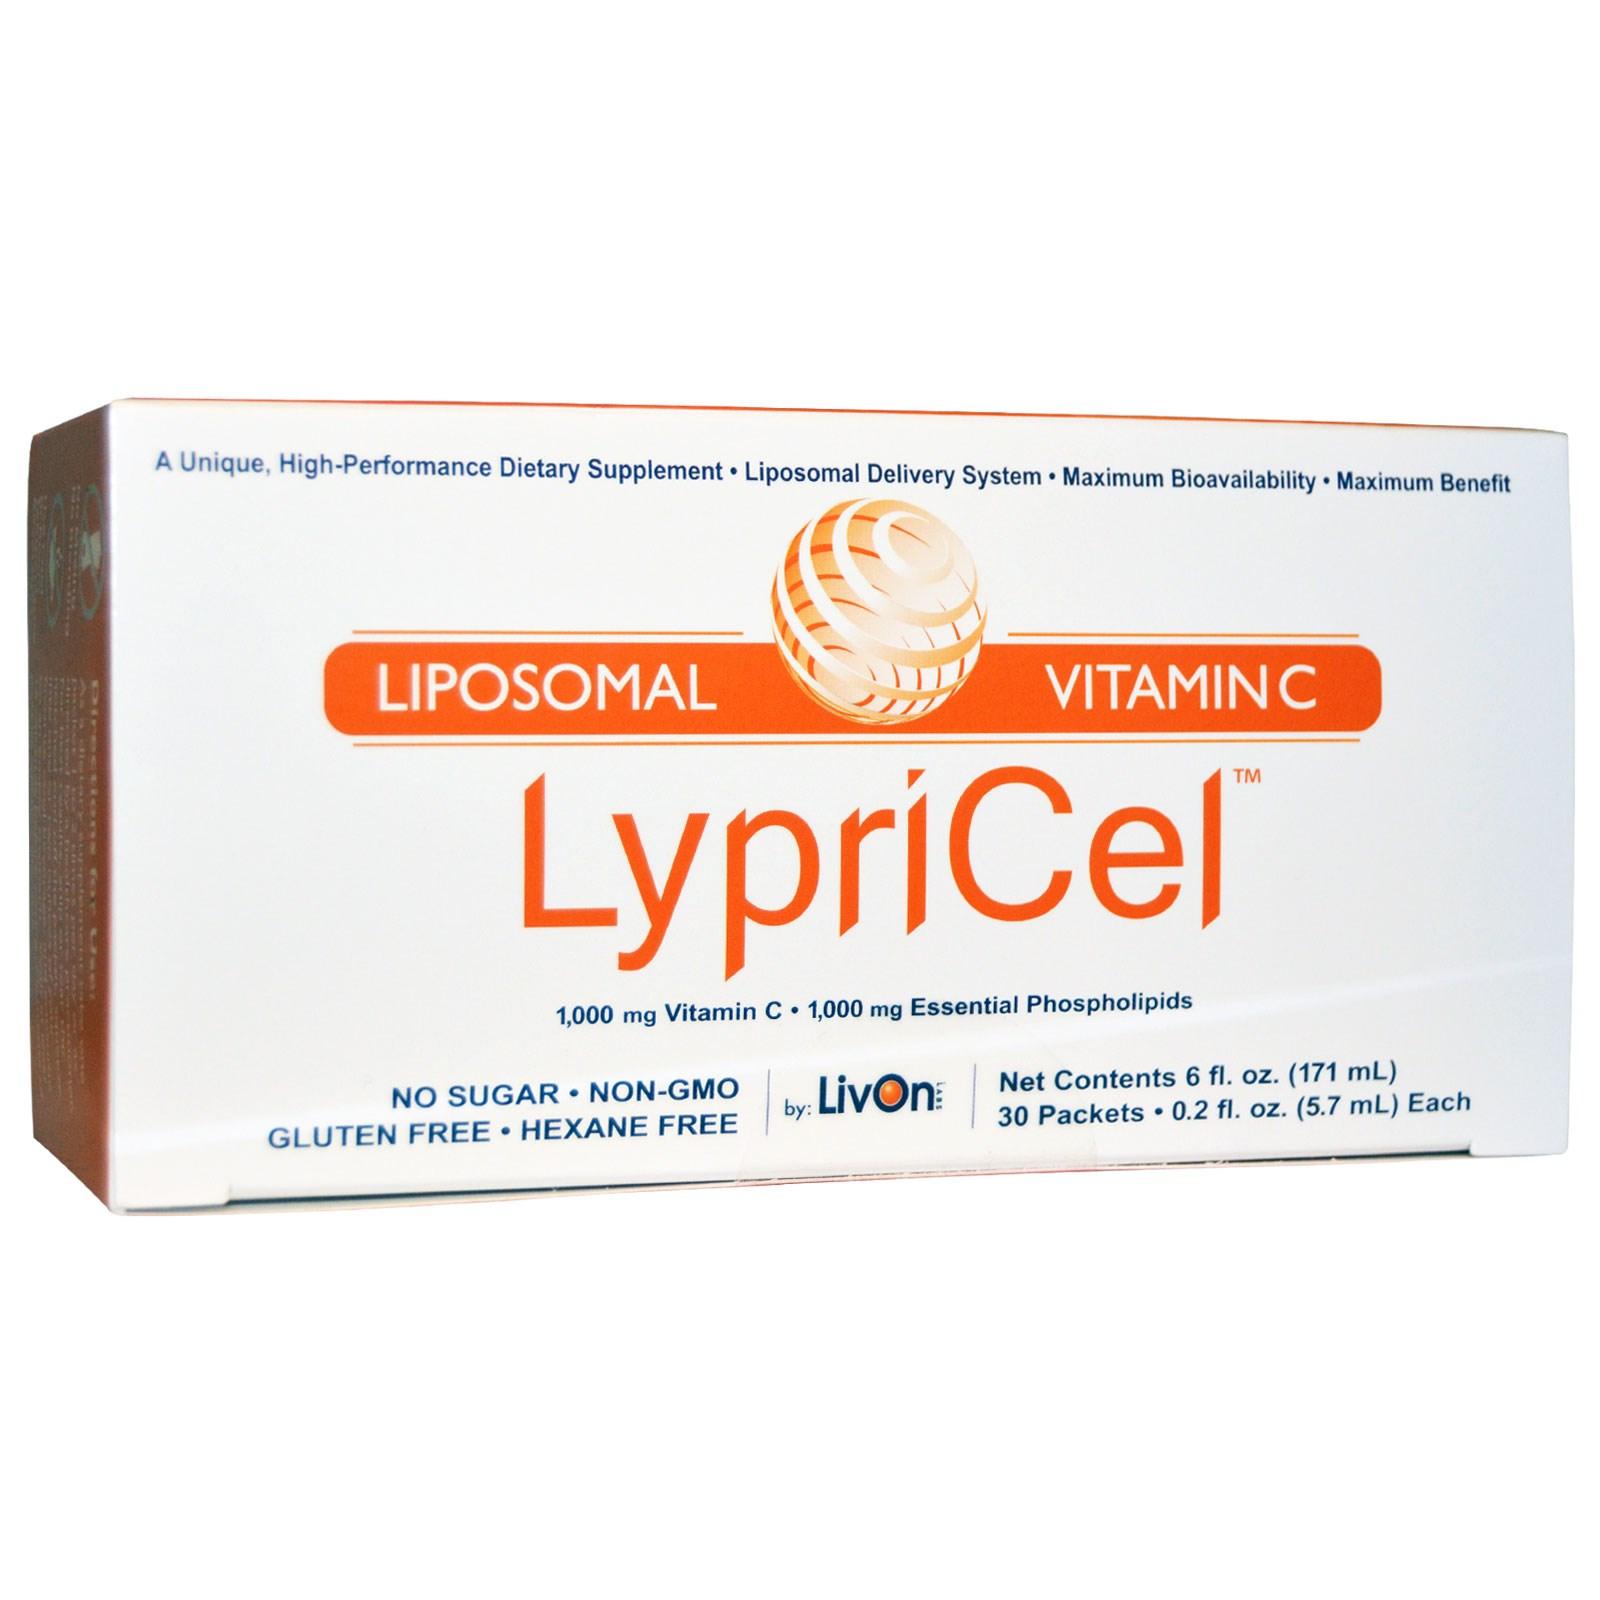 Липосомальный витамин С в пакетиках, LypriCel (30 штук).